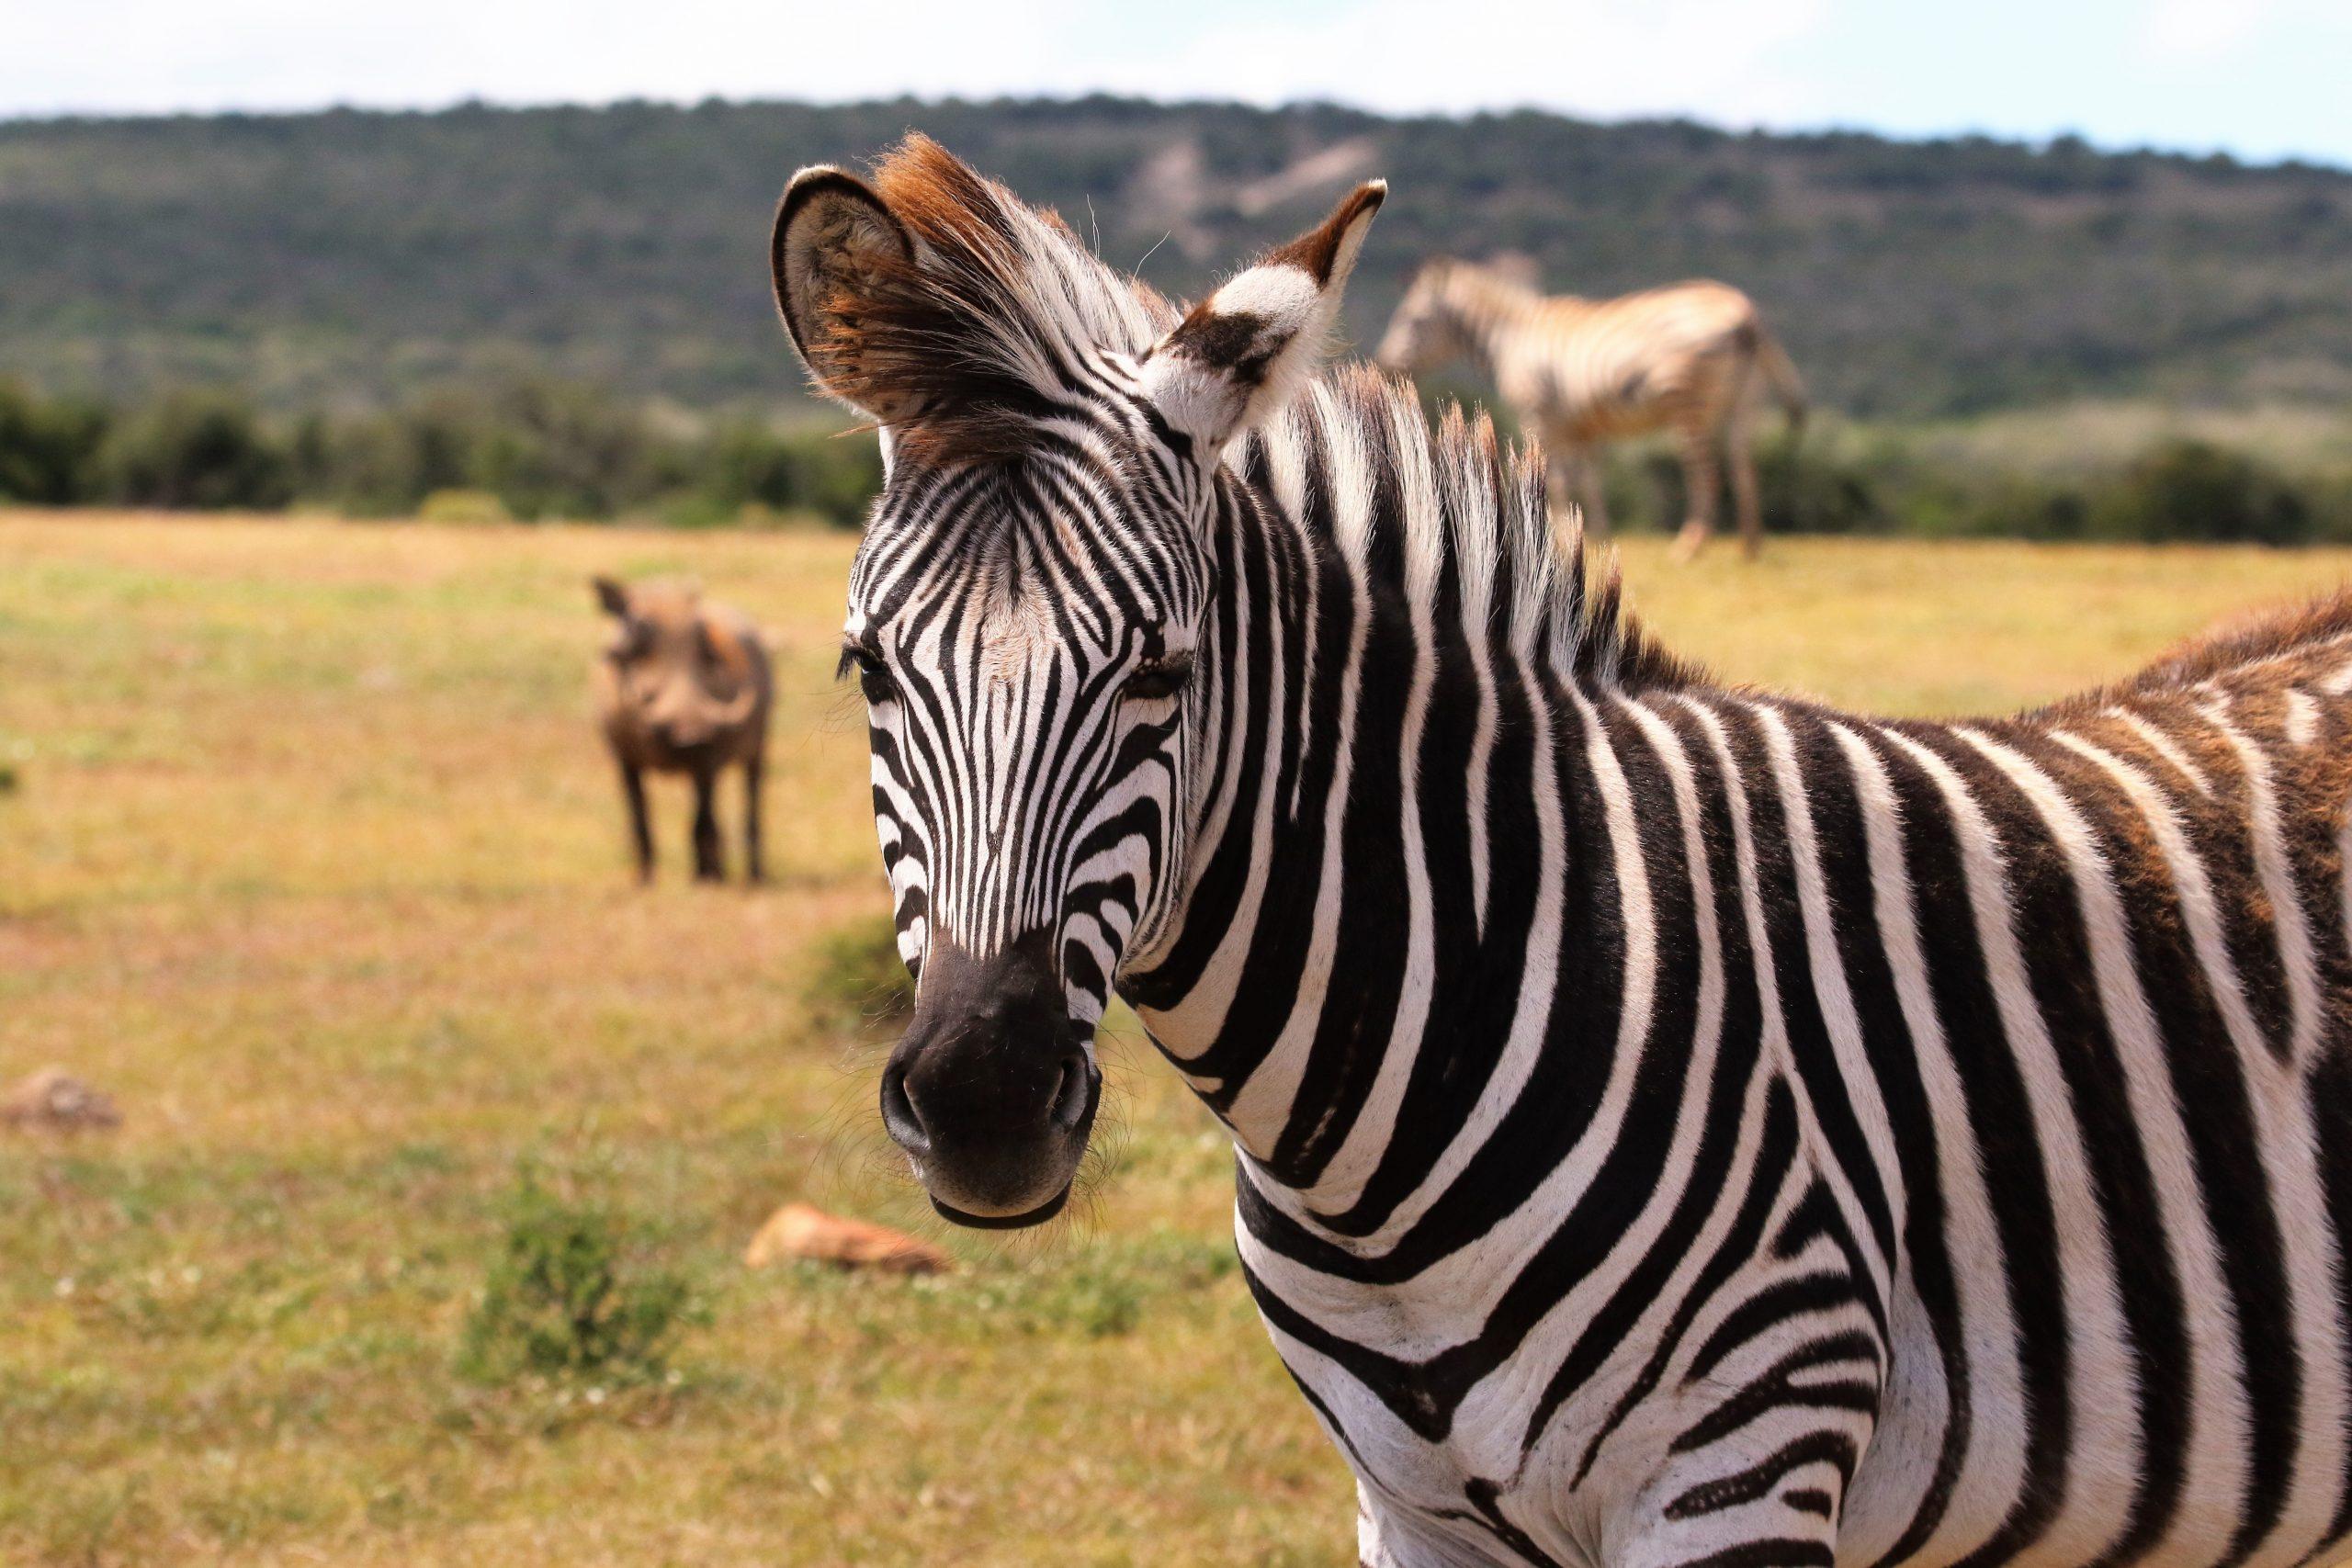 Zebra hanburgesak, hau da, haragi artifizialaren abantaila zakarrak